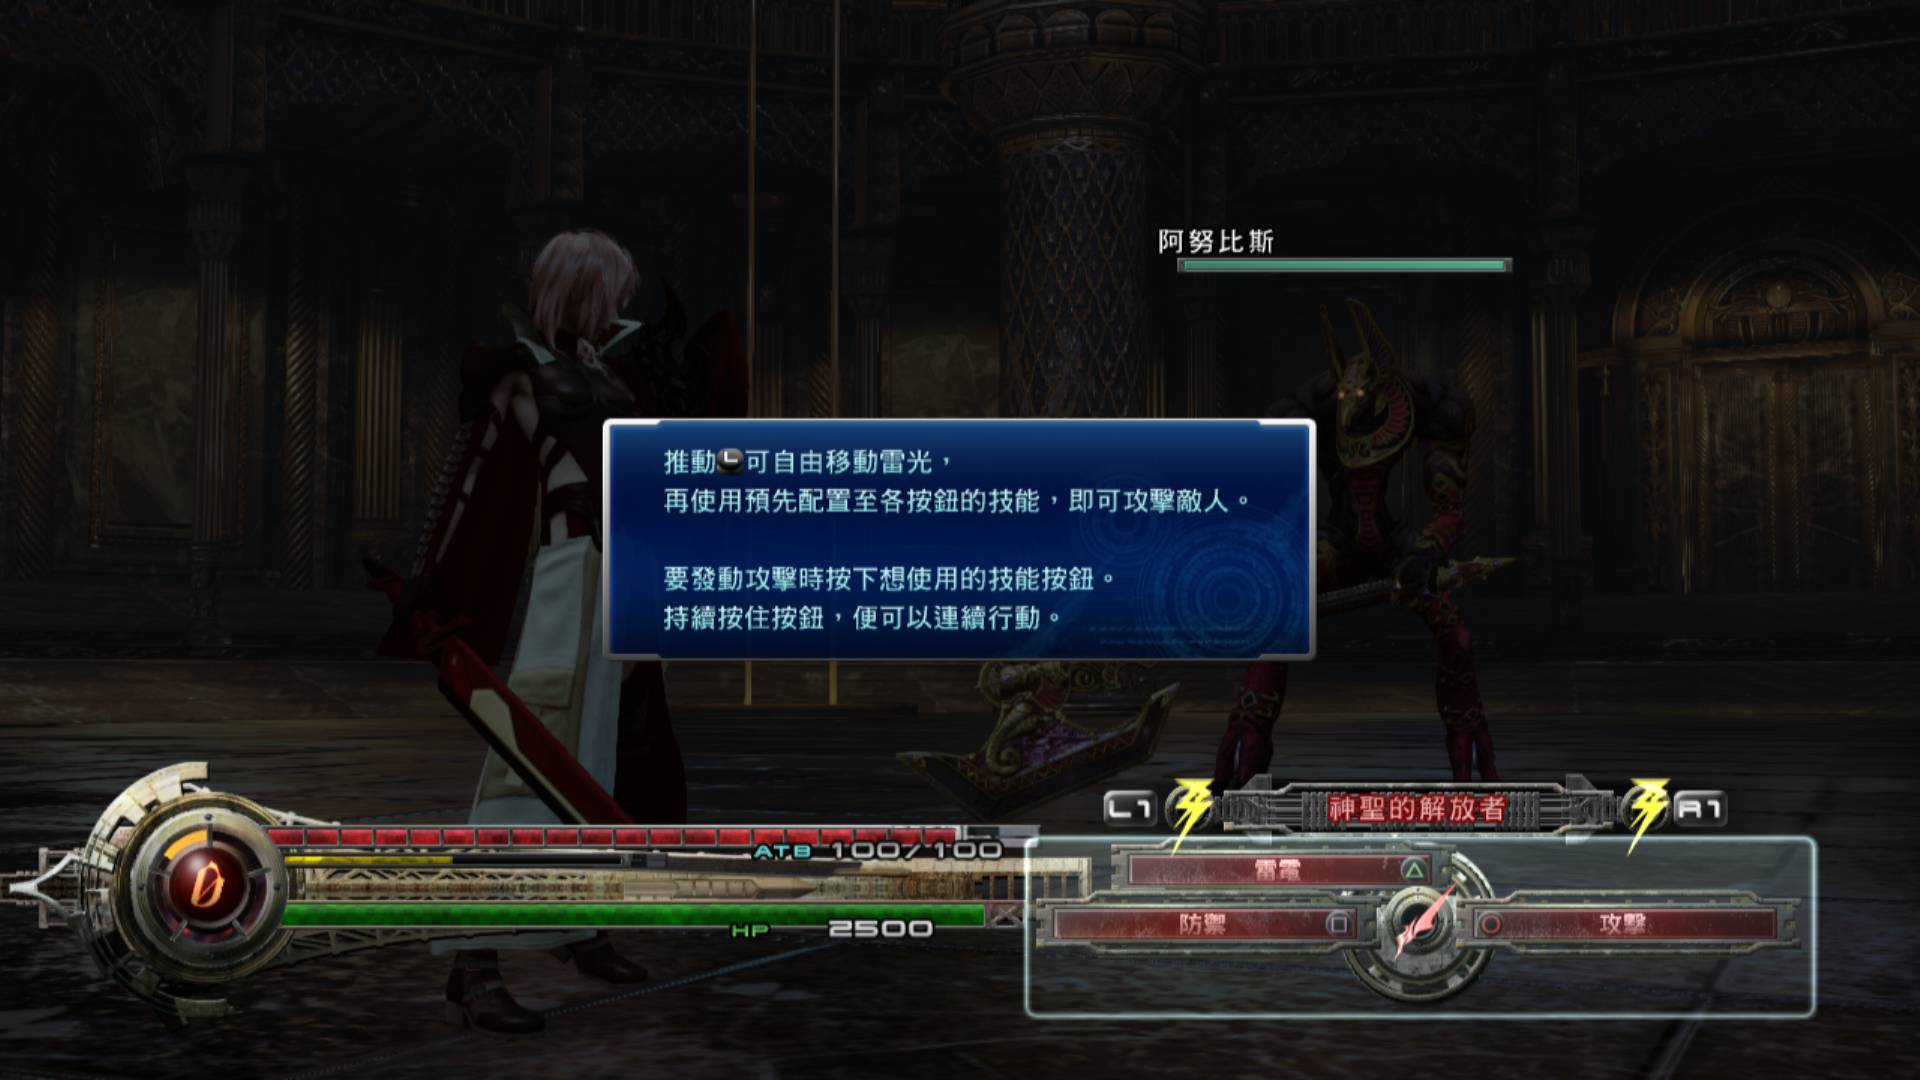 最终幻想13-3/LIGHTNING RETURNS: FINAL FANTASY XIII/最终幻想13:雷霆归来插图7